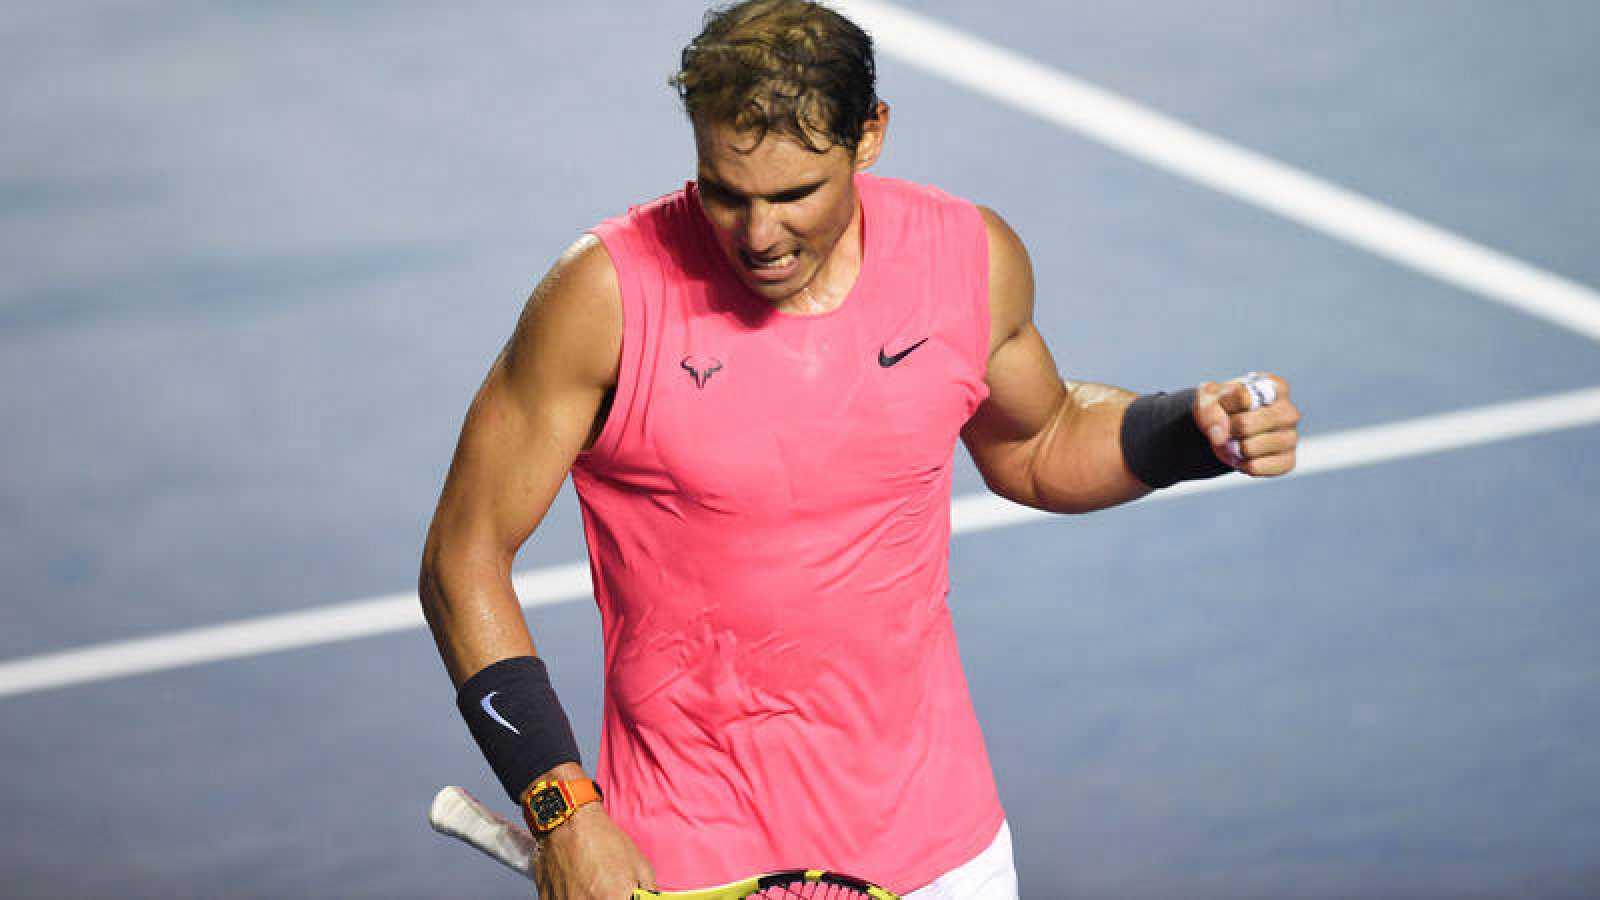 El tenista español Rafa Nadal celebra su pase a semifinales en Acapulco.